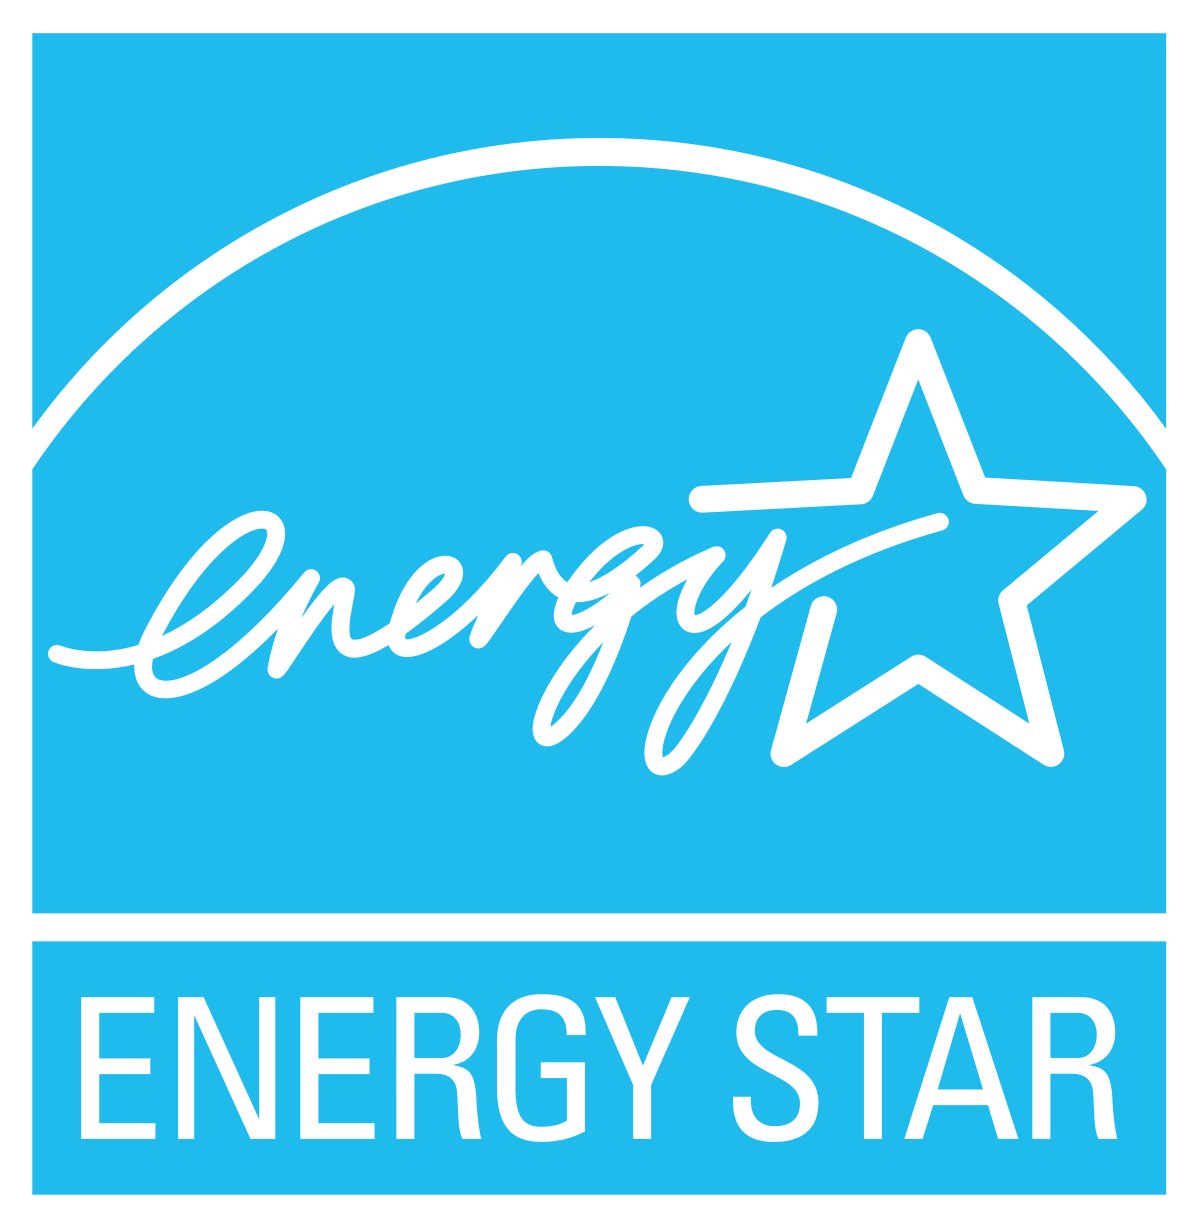 Energy_Star_logo-ii-cpm-jan192020.png